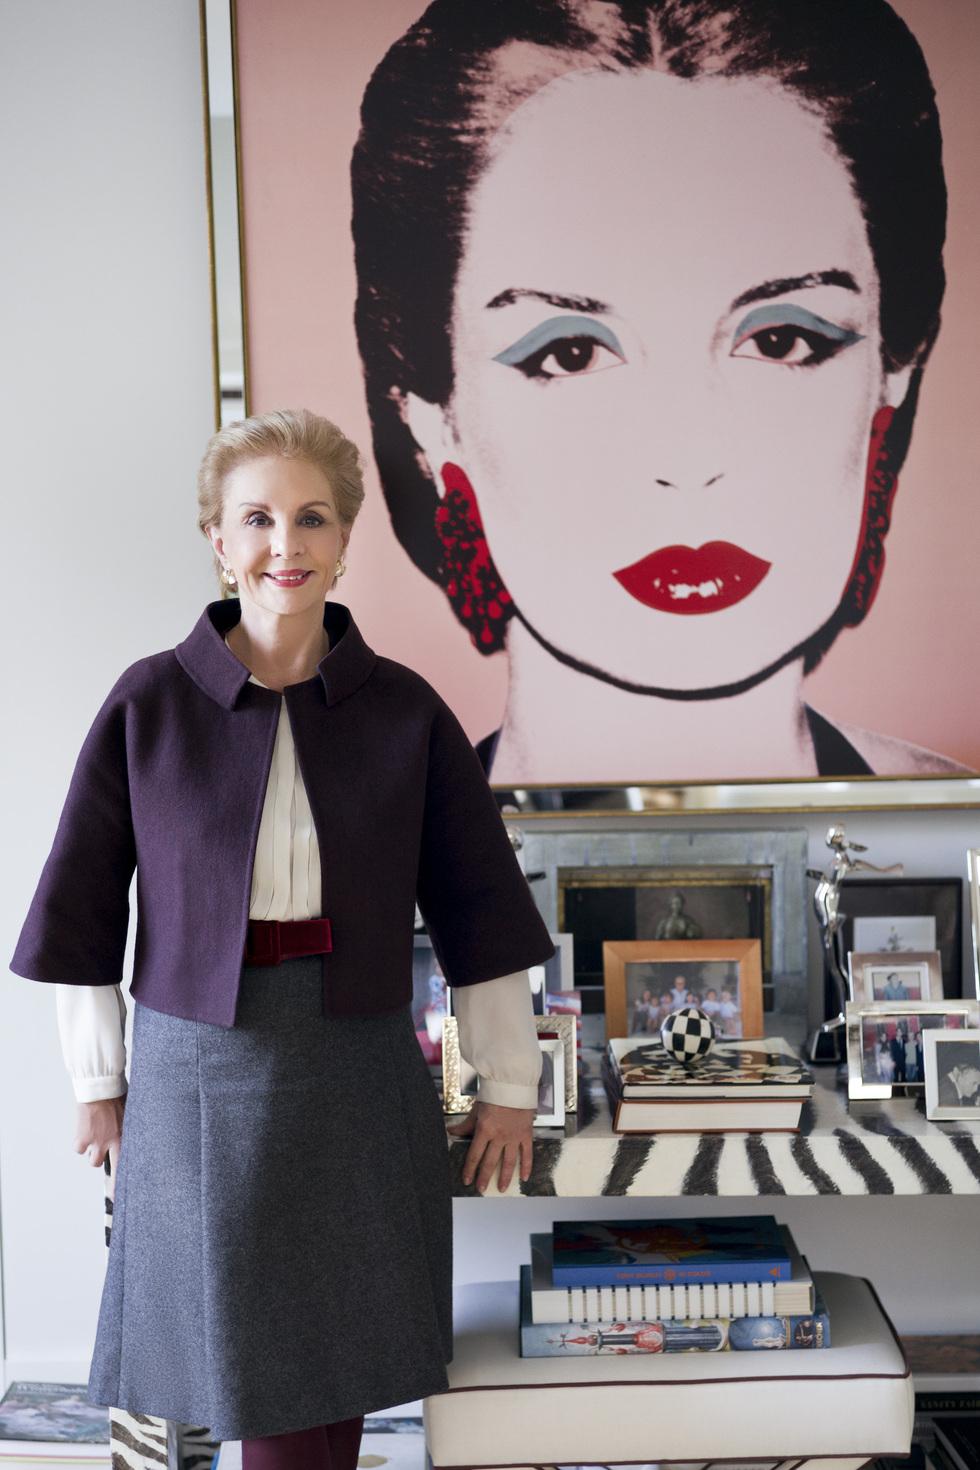 131be395ba Carolina Herrera, junto al retrato que le realizó su amigo Andy Warhol (se  lo pagó con un bolso-joya) y que preside su despacho.Fernando Sancho